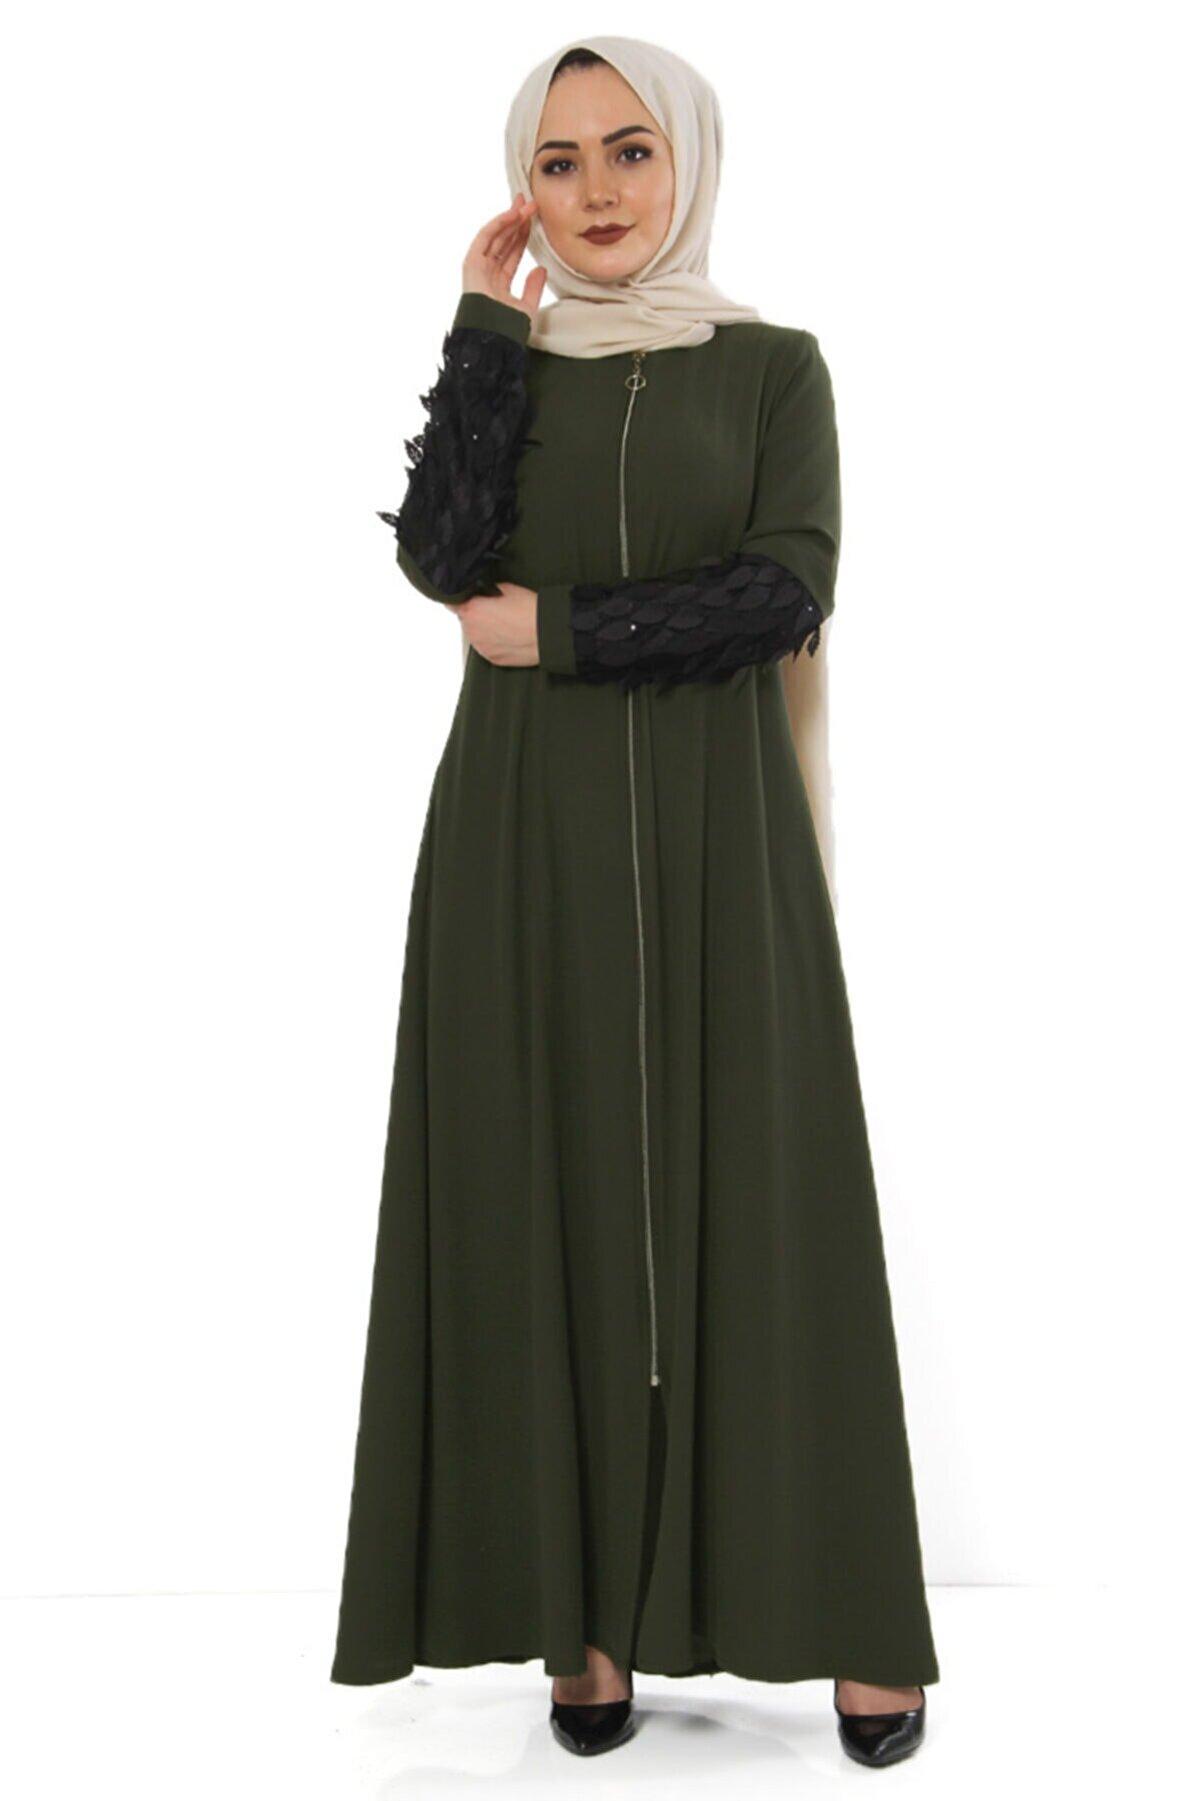 Tesettür Dünyası Kol Detaylı Büyük Beden Elbise Tsd2409 Haki